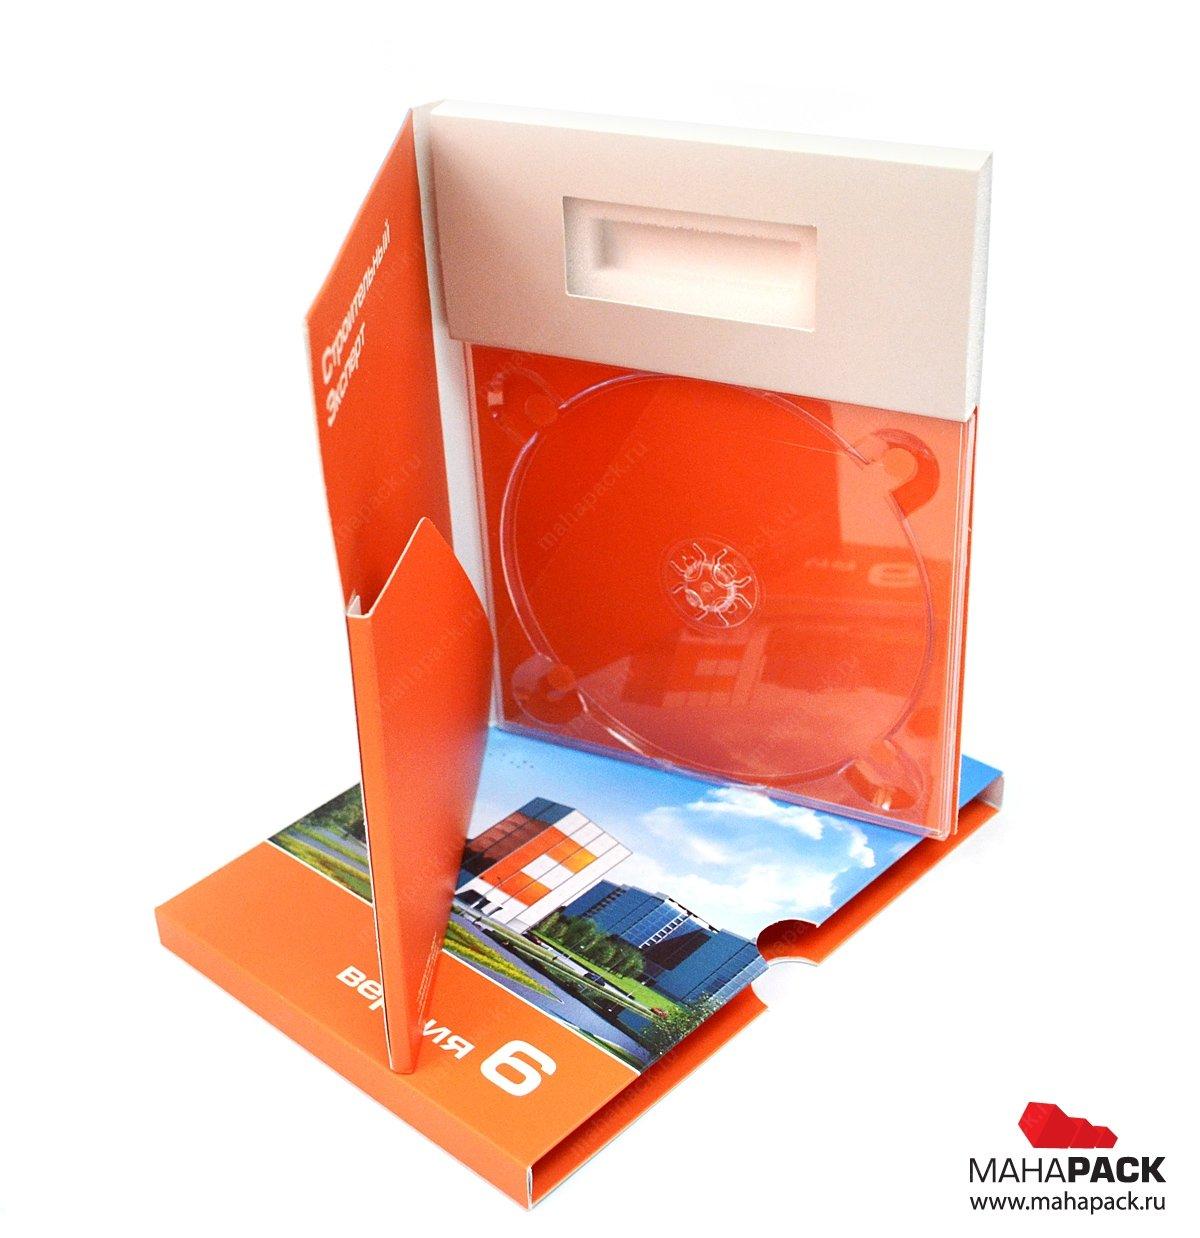 Флэш-пак для электронного ключа, диска и буклета